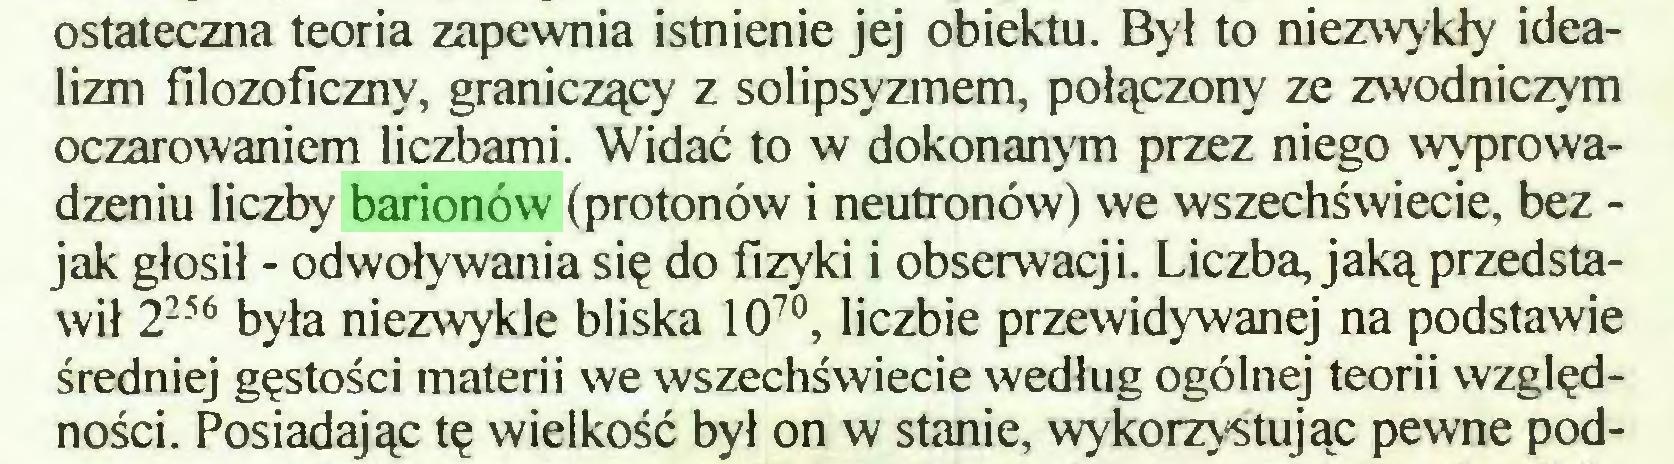 (...) ostateczna teoria zapewnia istnienie jej obiektu. Był to niezwykły idealizm filozoficzny, graniczący z solipsyzmem, połączony ze zwodniczym oczarowaniem liczbami. Widać to w dokonanym przez niego wyprowadzeniu liczby barionów (protonów i neutronów) we wszechświecie, bez jak głosił - odwoływania się do fizyki i obserwacji. Liczba, jaką przedstawił 2256 była niezwykle bliska 1070, liczbie przewidywanej na podstawie średniej gęstości materii we wszechświecie według ogólnej teorii względności. Posiadając tę wielkość był on w stanie, wykorzystując pewne pod...